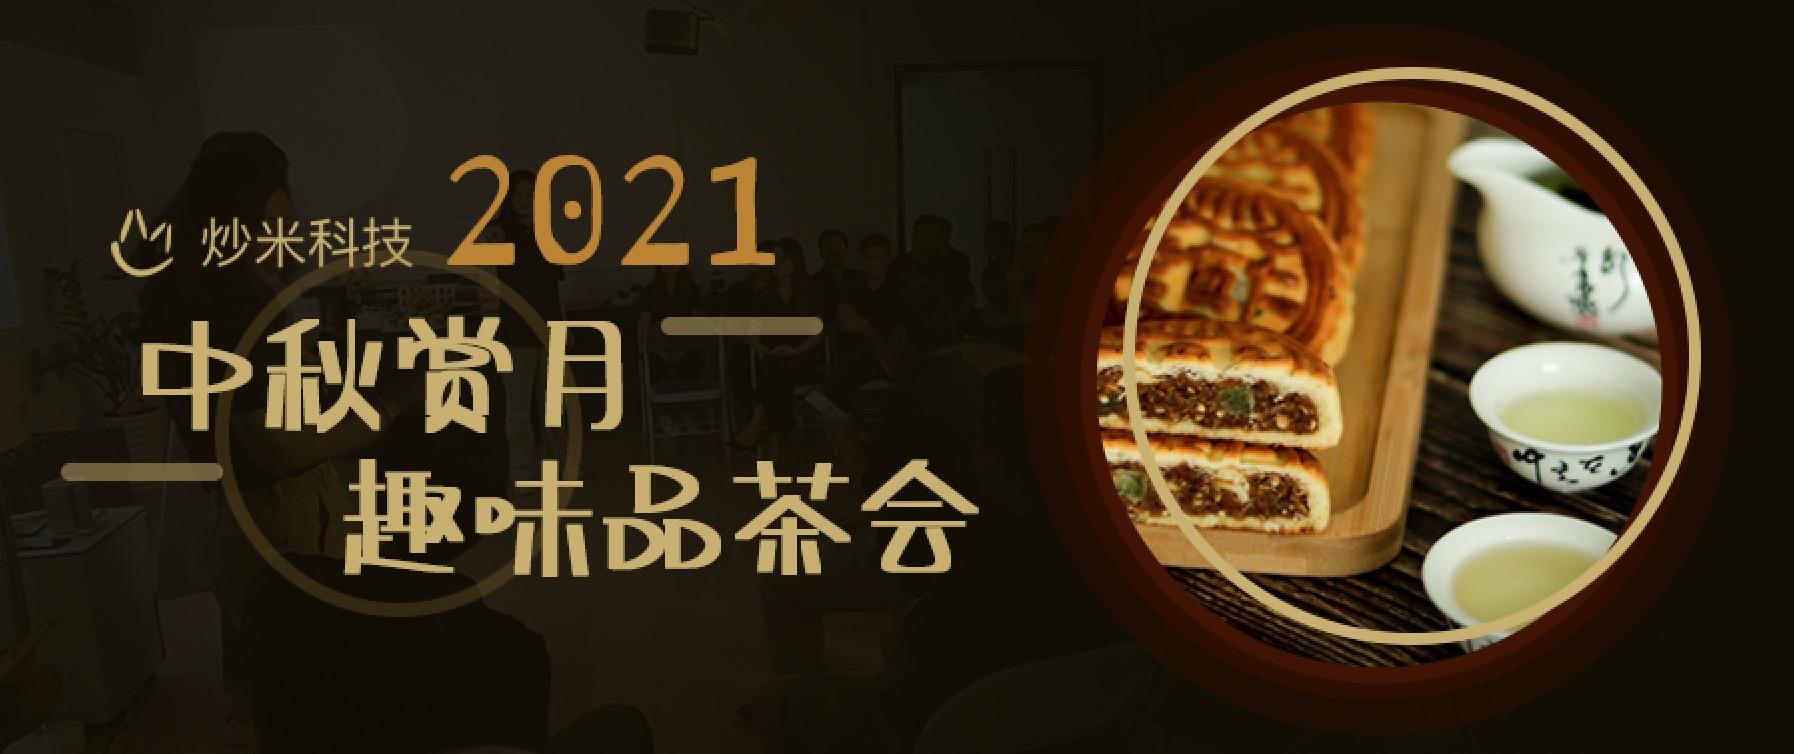 2021炒米科技中秋赏月趣味品茶会